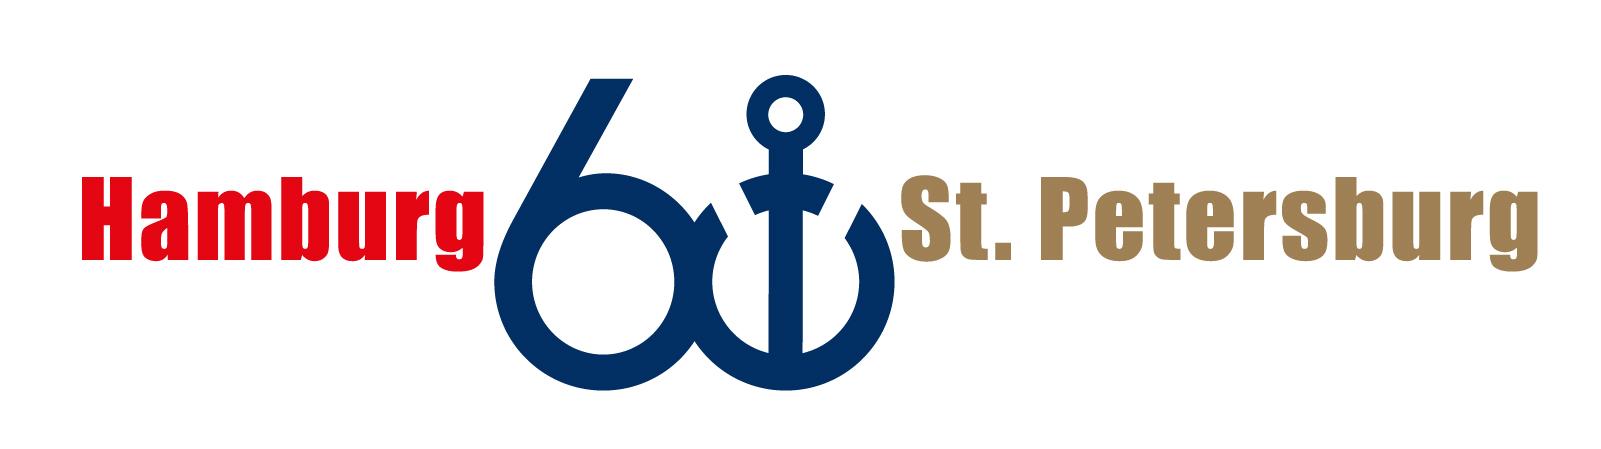 60 Jahre Hamburg St. Petersburg